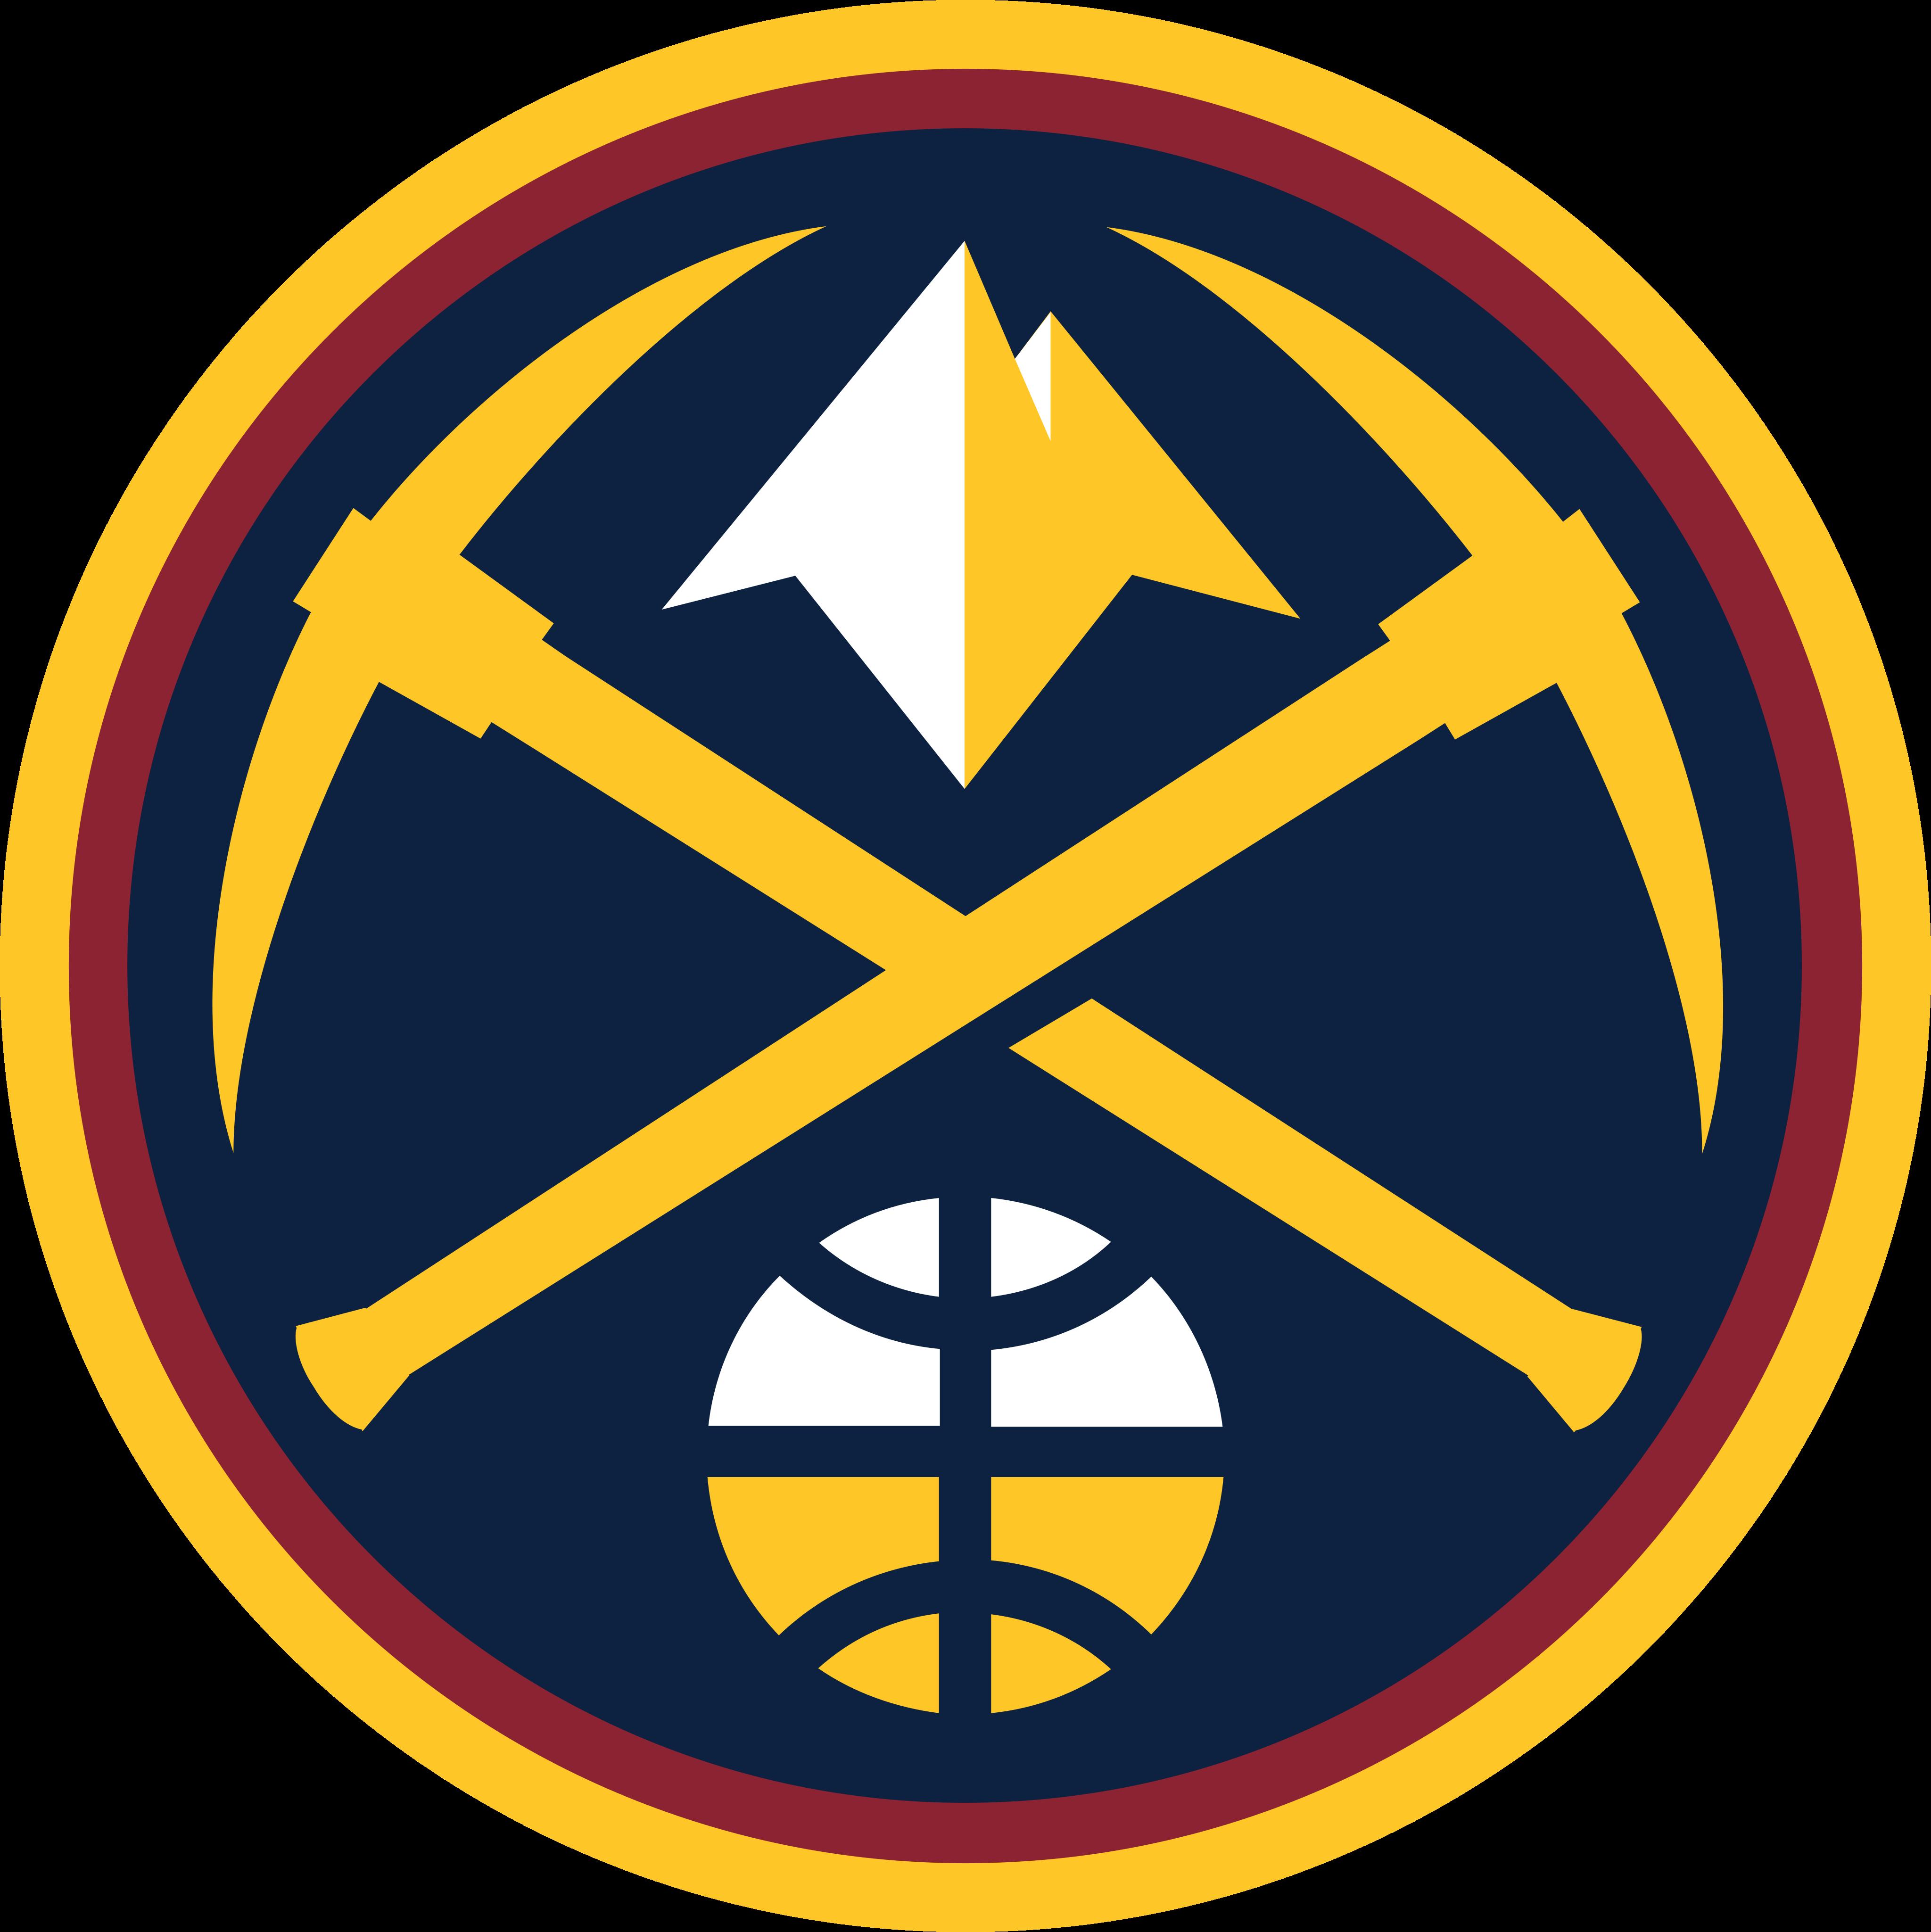 denver nuggets logo - Denver Nuggets Logo